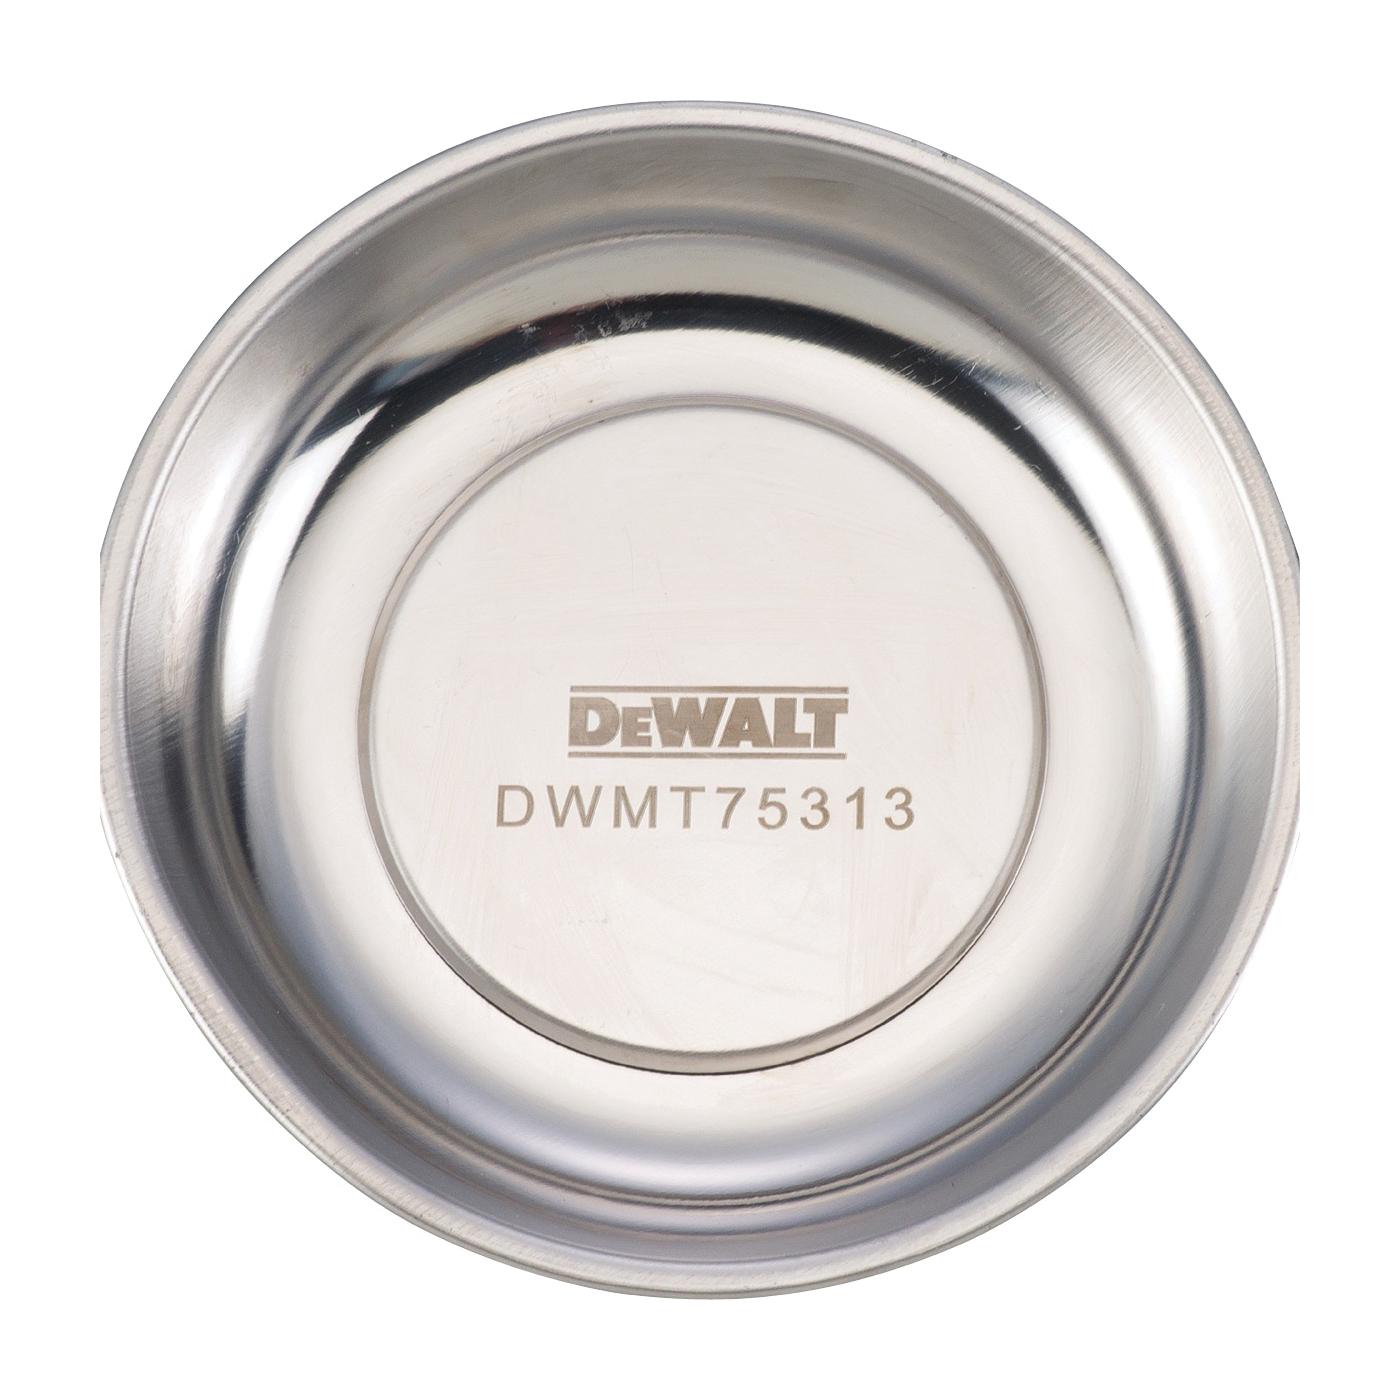 DeWalt DWMT75313OSP